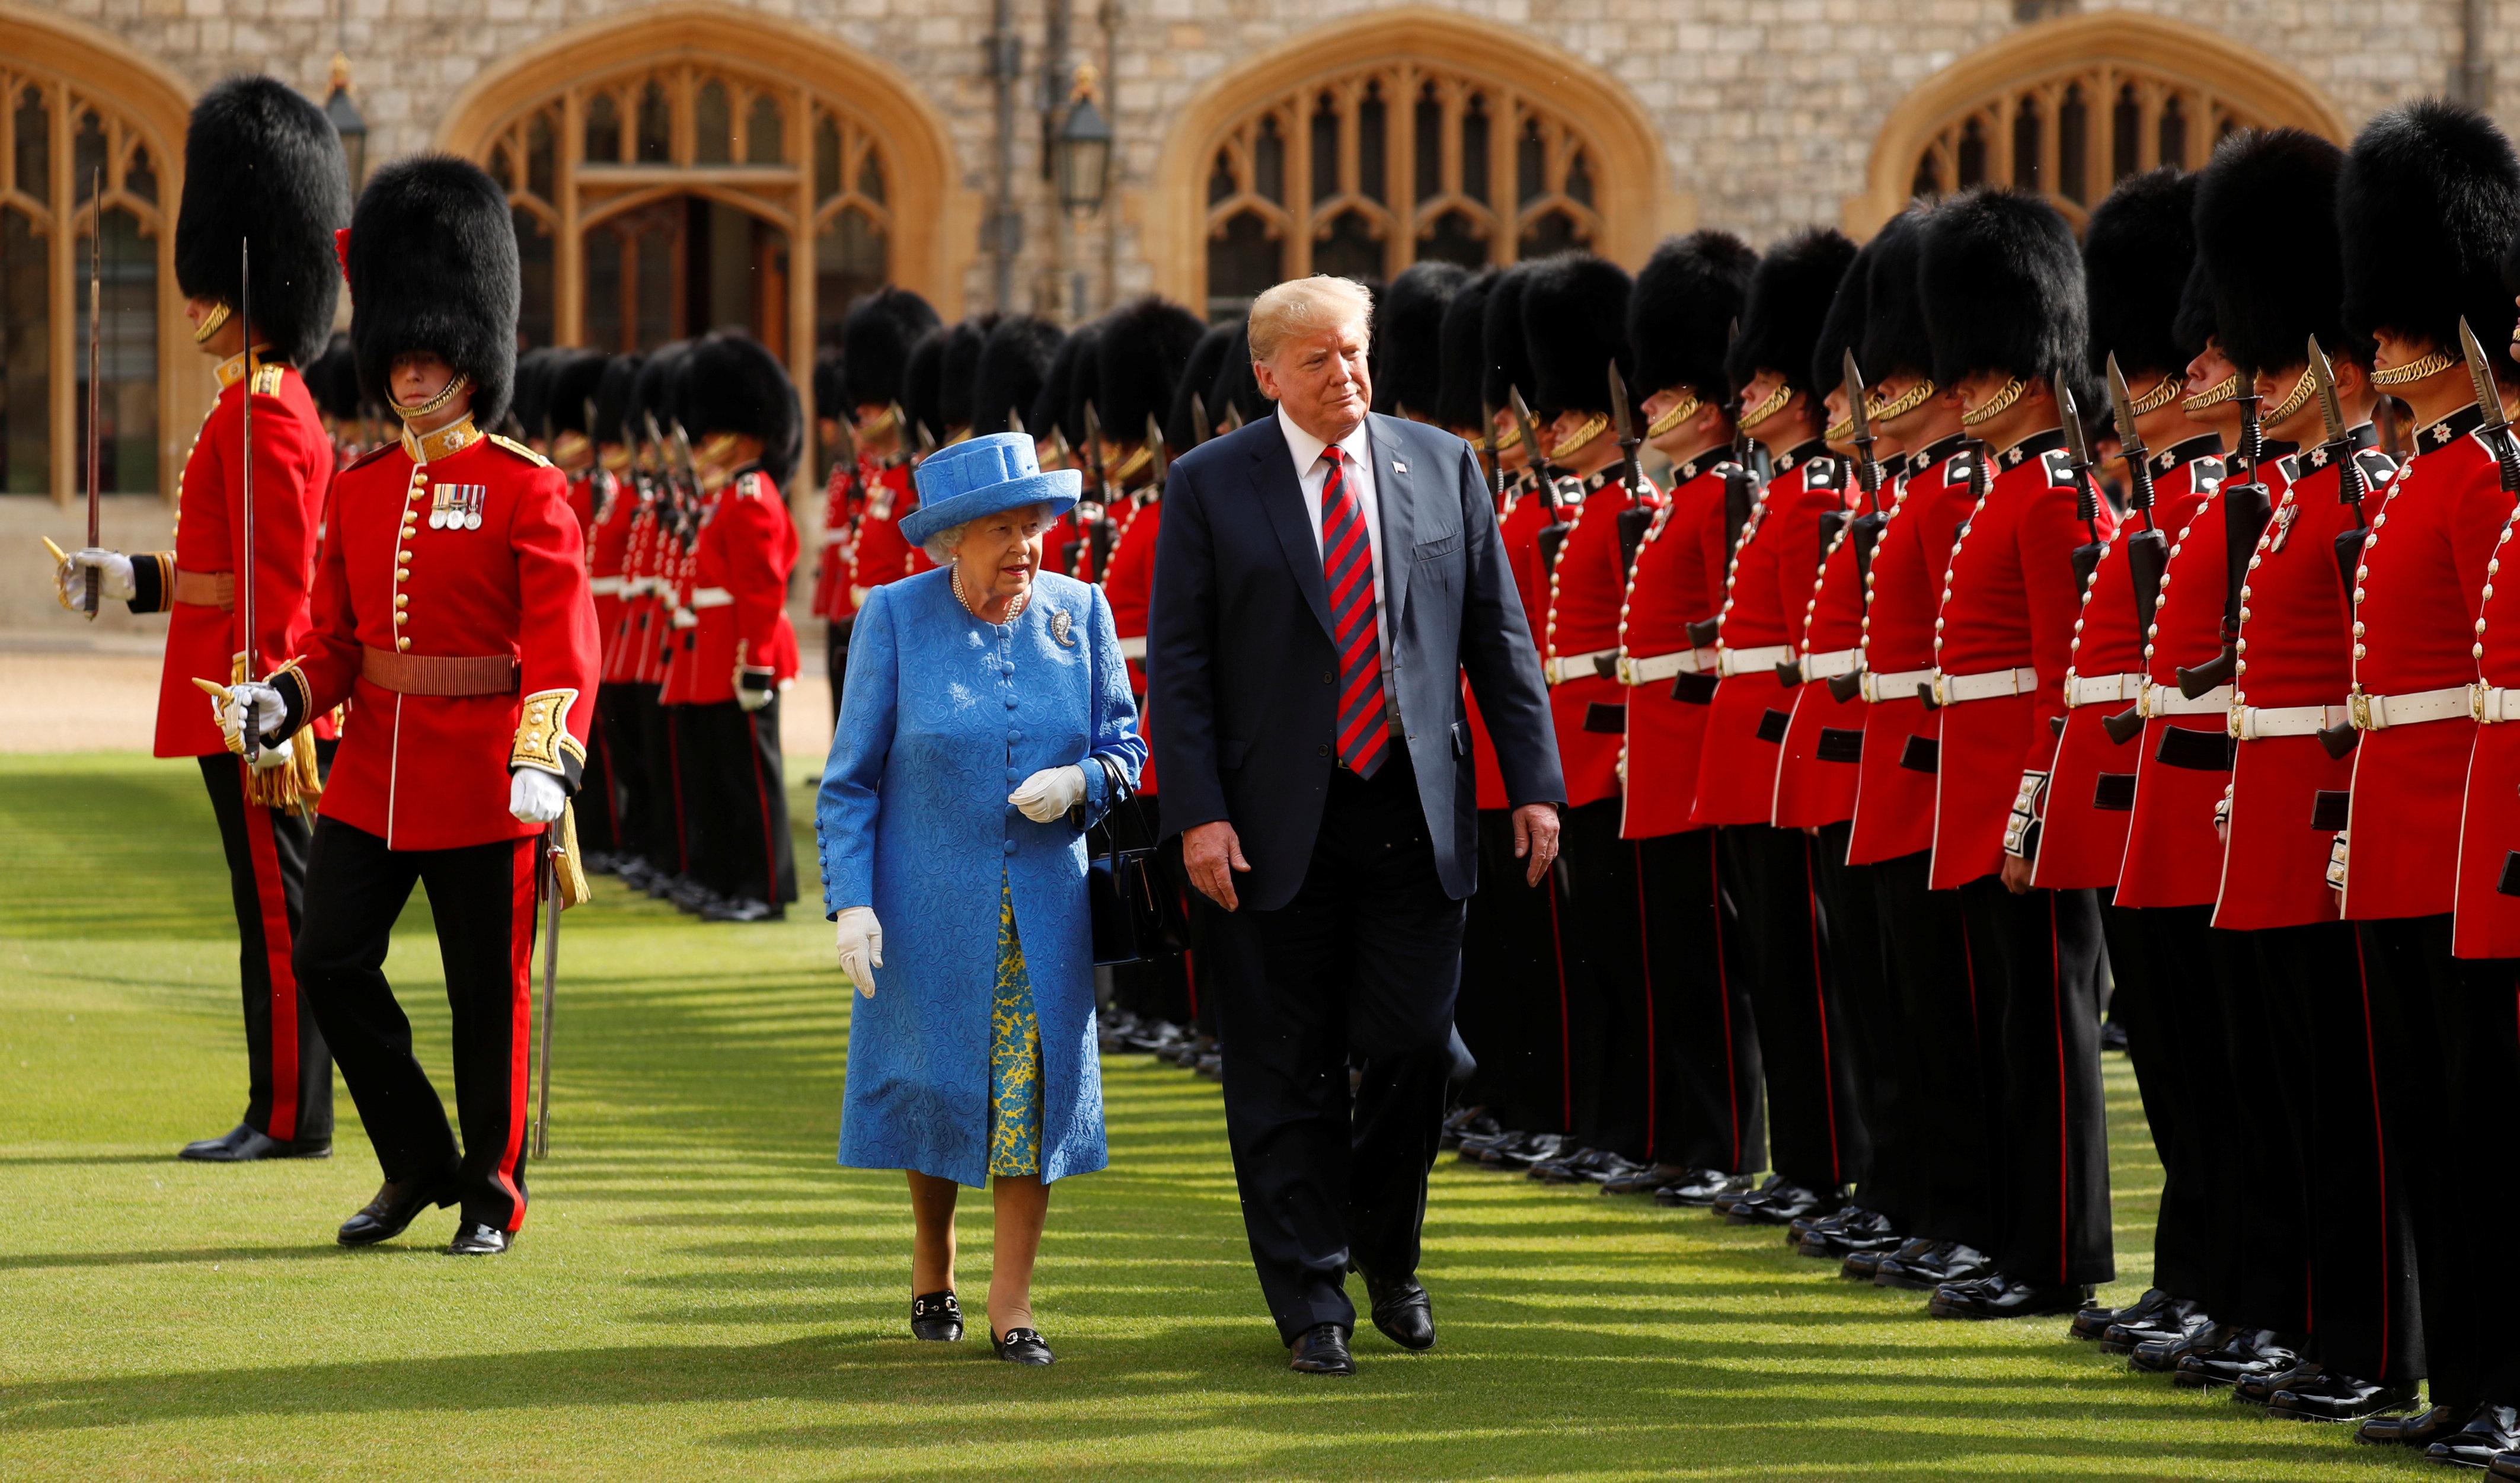 Queen zeigt Trump royales Wachpersonal – dann wird es peinlich für den US-Präsidenten